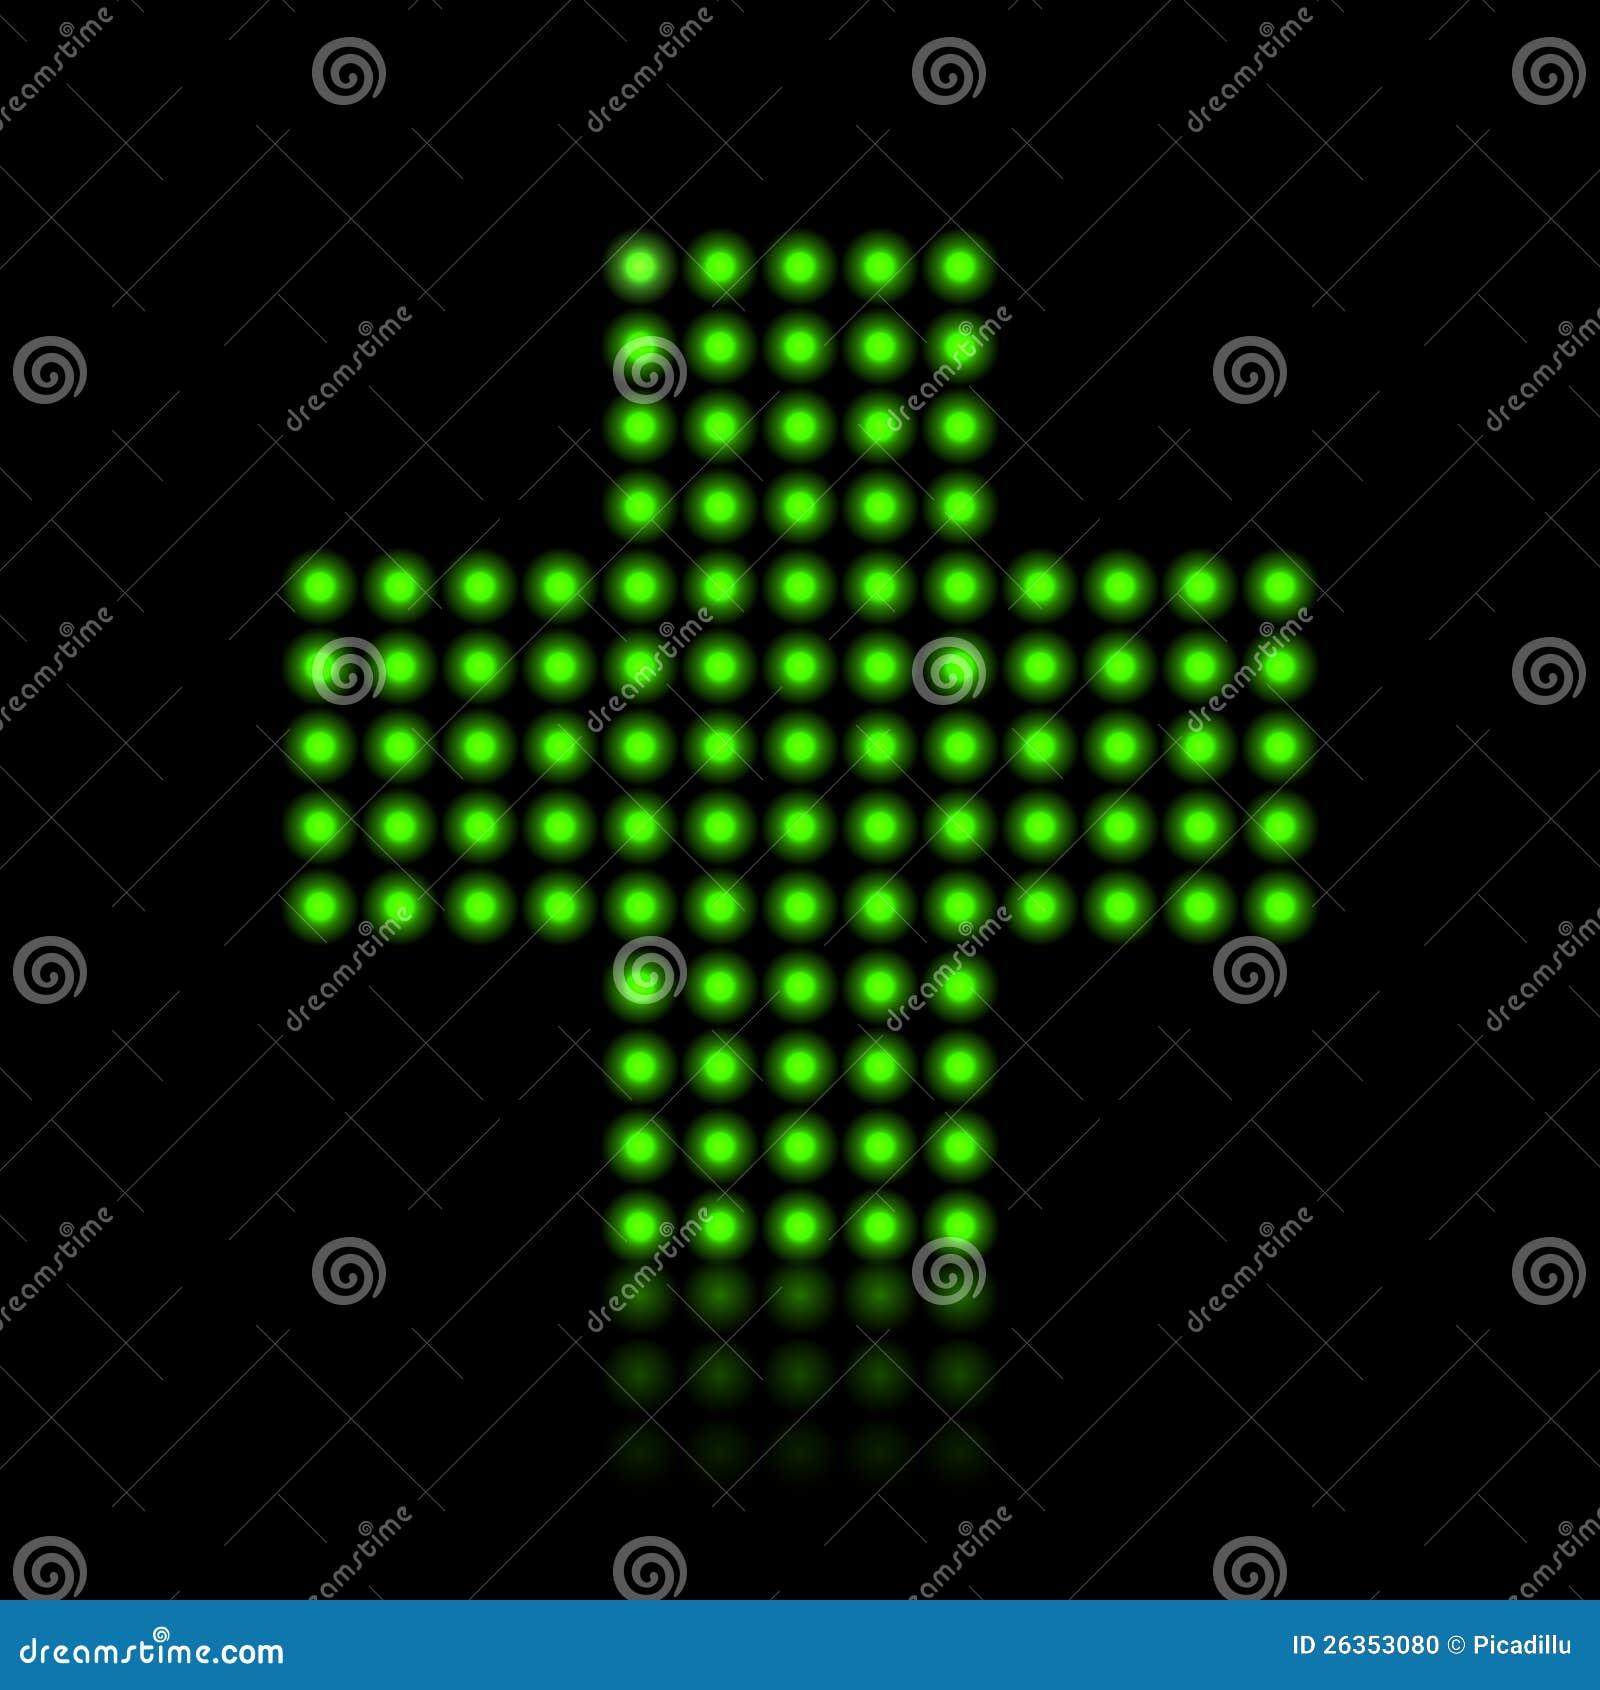 Green light dots cross